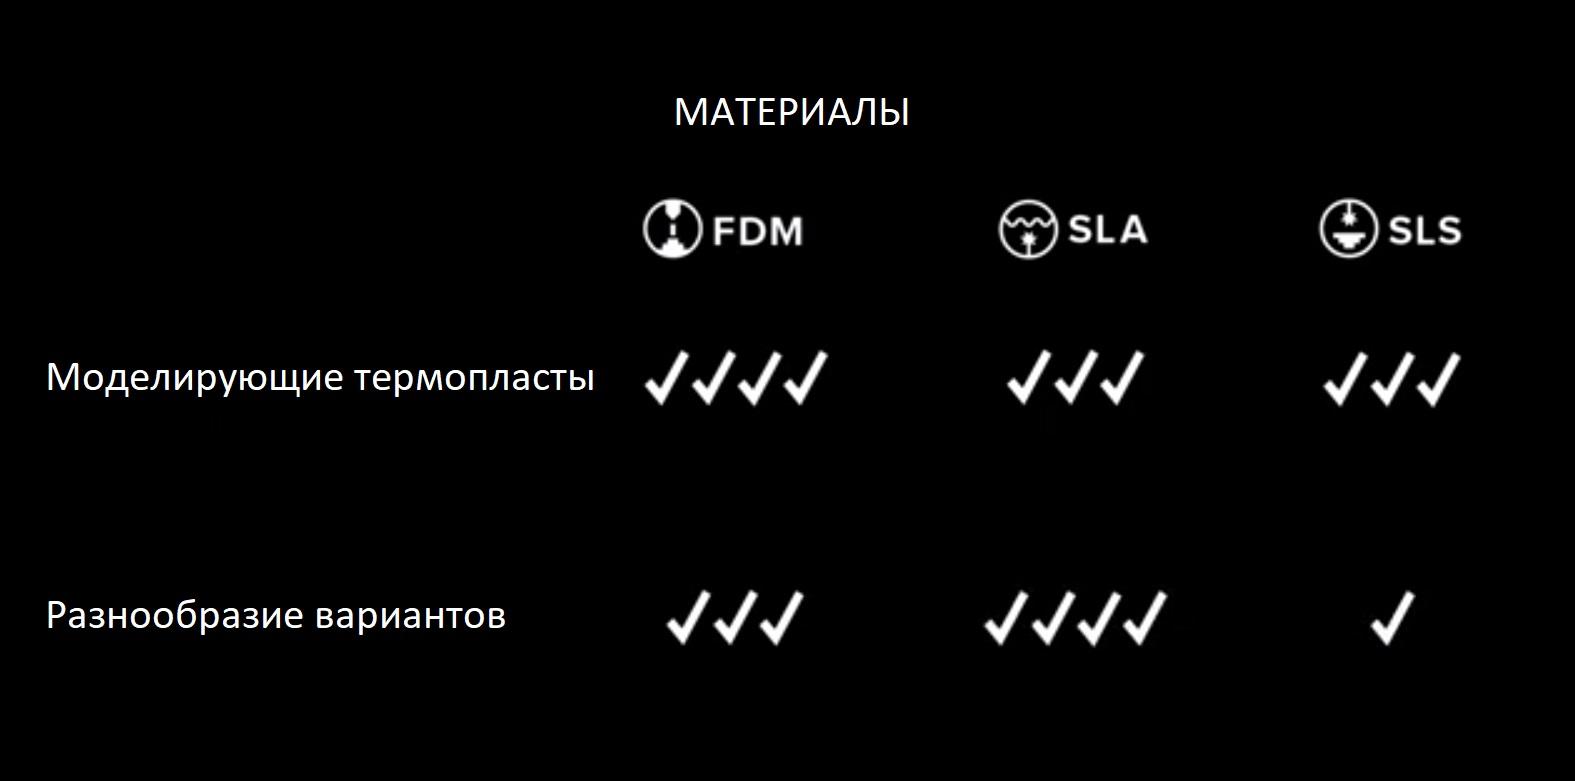 Выбор технологии 3D печати. Разнообразие материалов в FDM, SLA, SLS технологиях